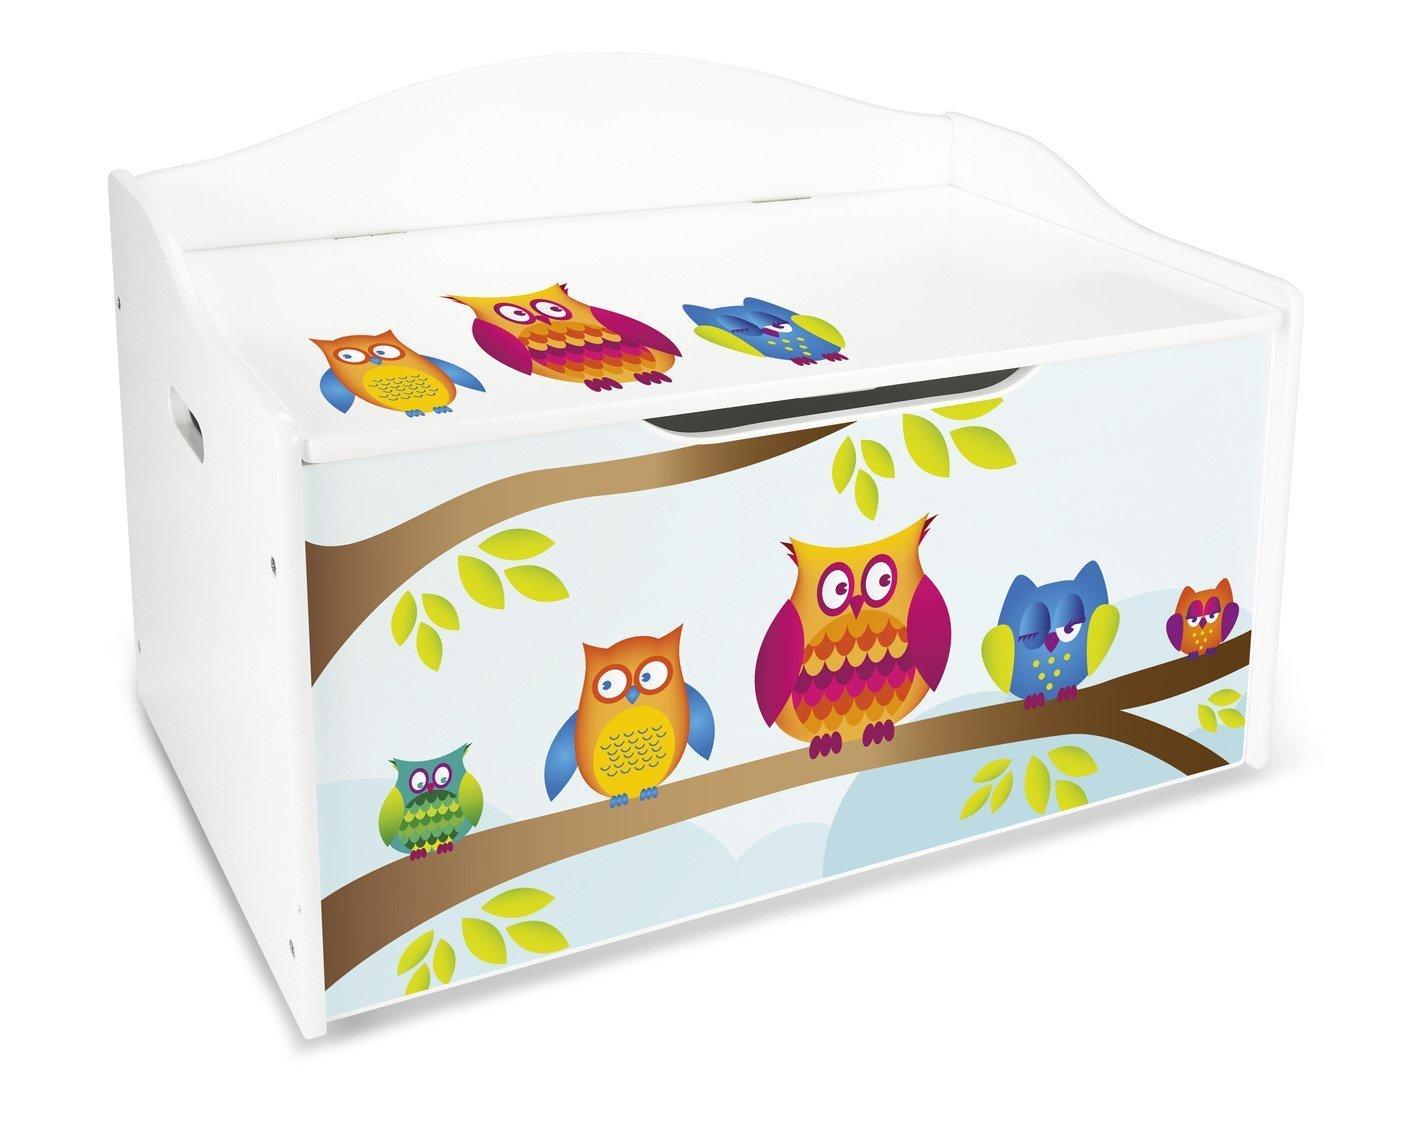 Panca Contenitore Legno : Leomark contenitore porta giochi scatola portagiochi panca